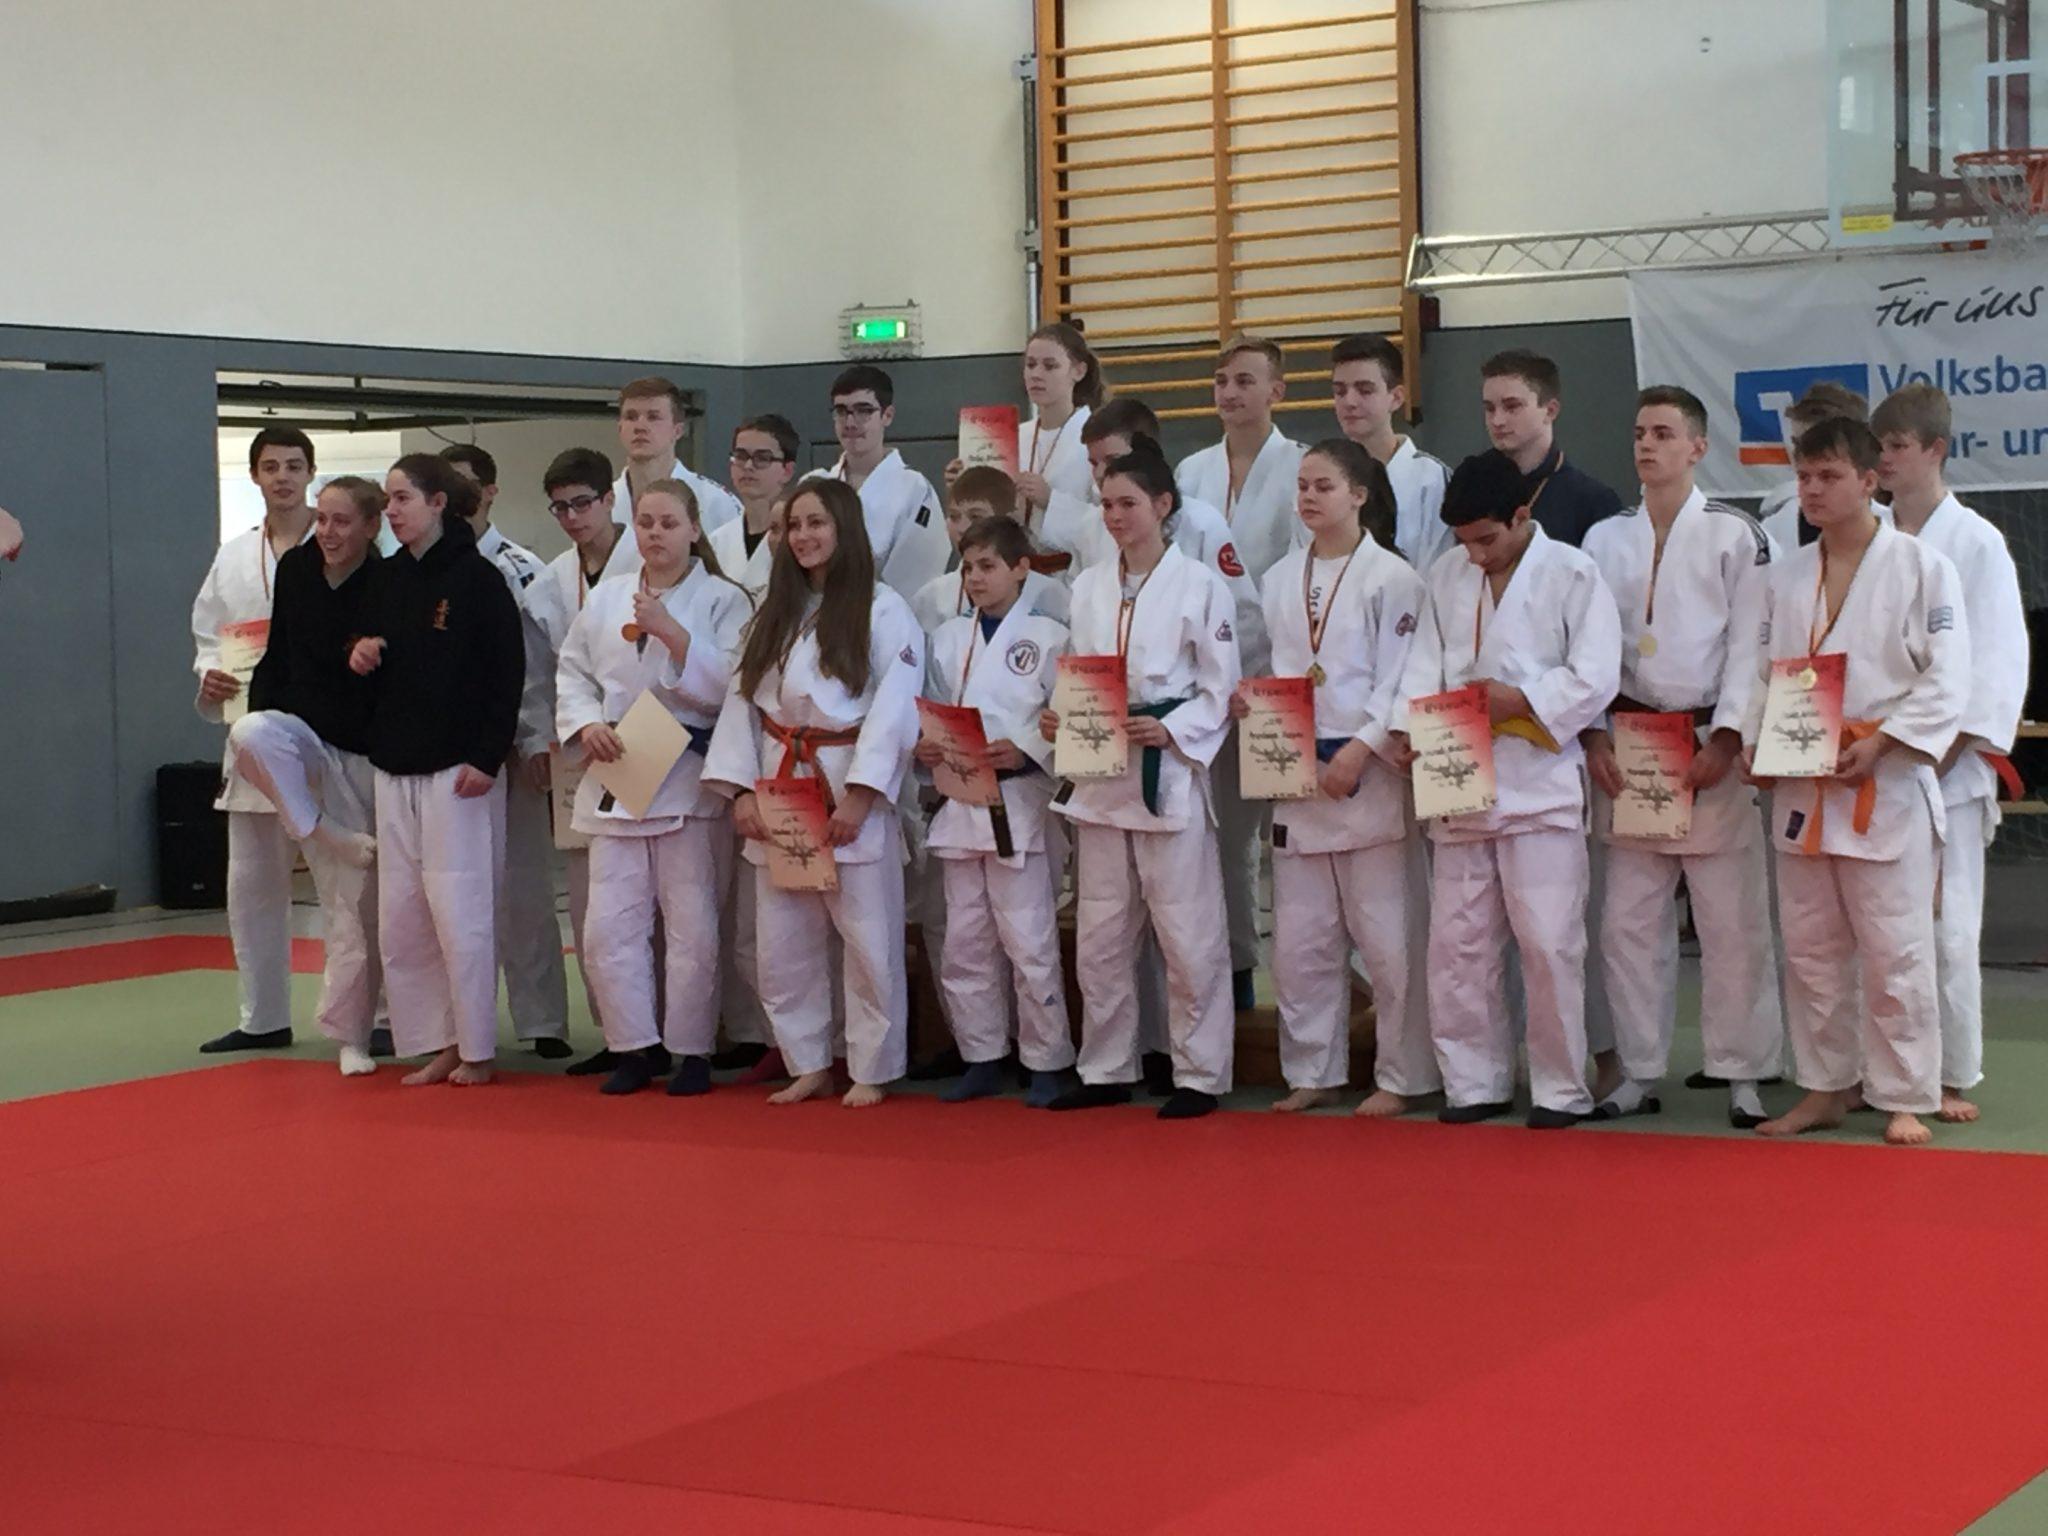 Kreiseinzelmeisterschaften der u15 und u18 in Bad Lippspringe